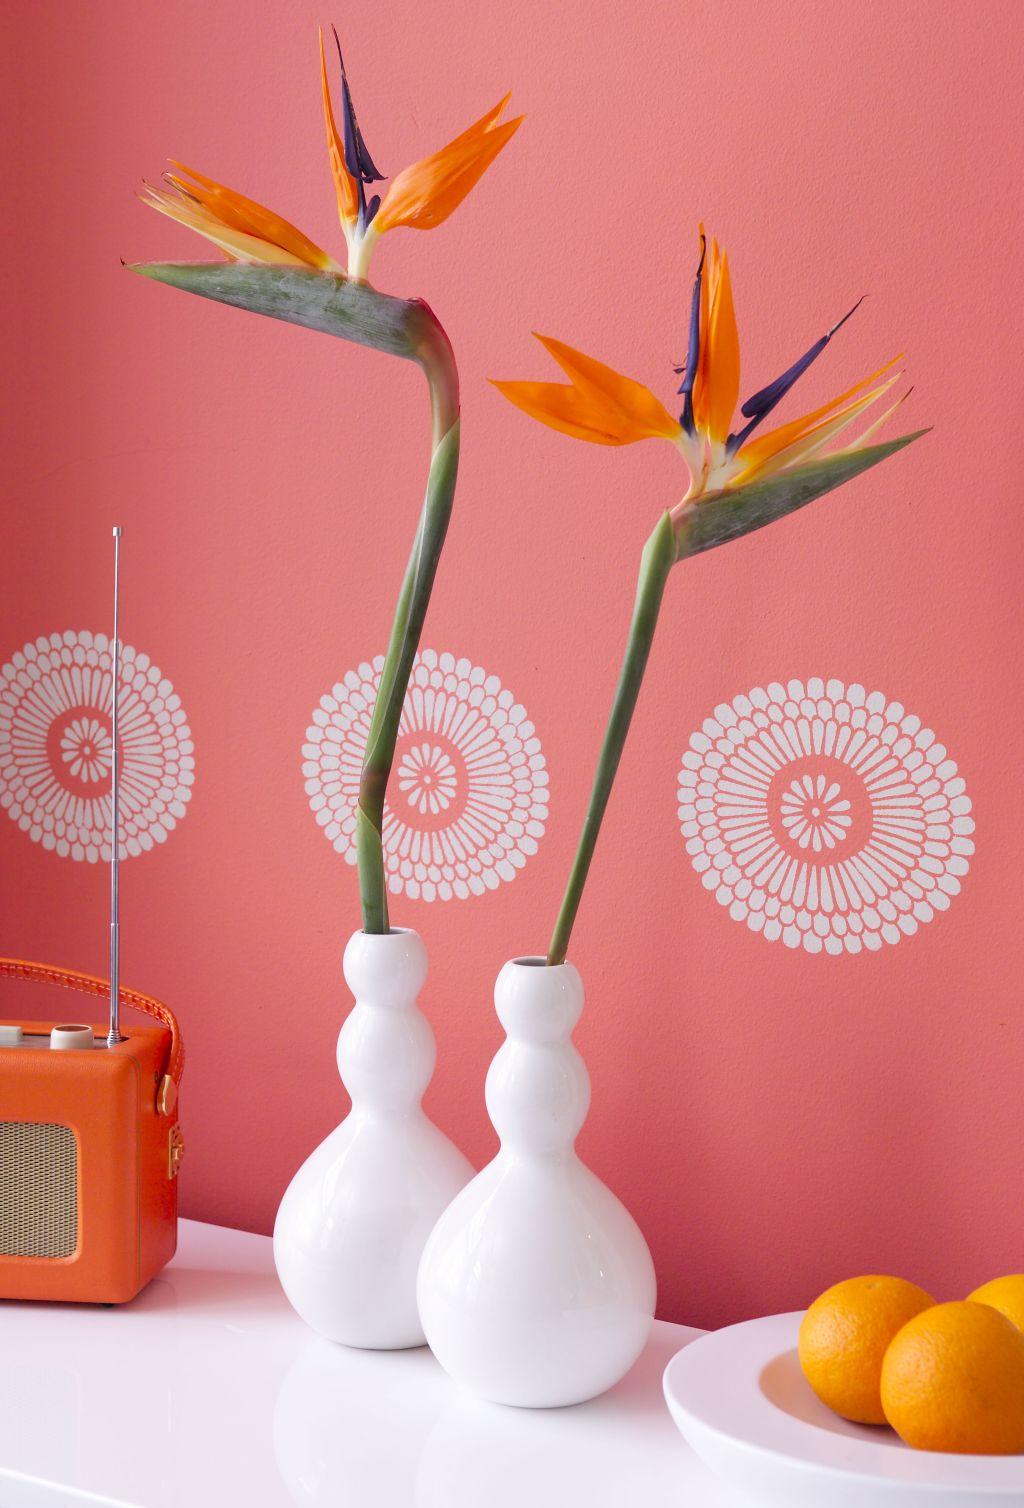 adelaparvu.com despre decorarea cu sabloane 1